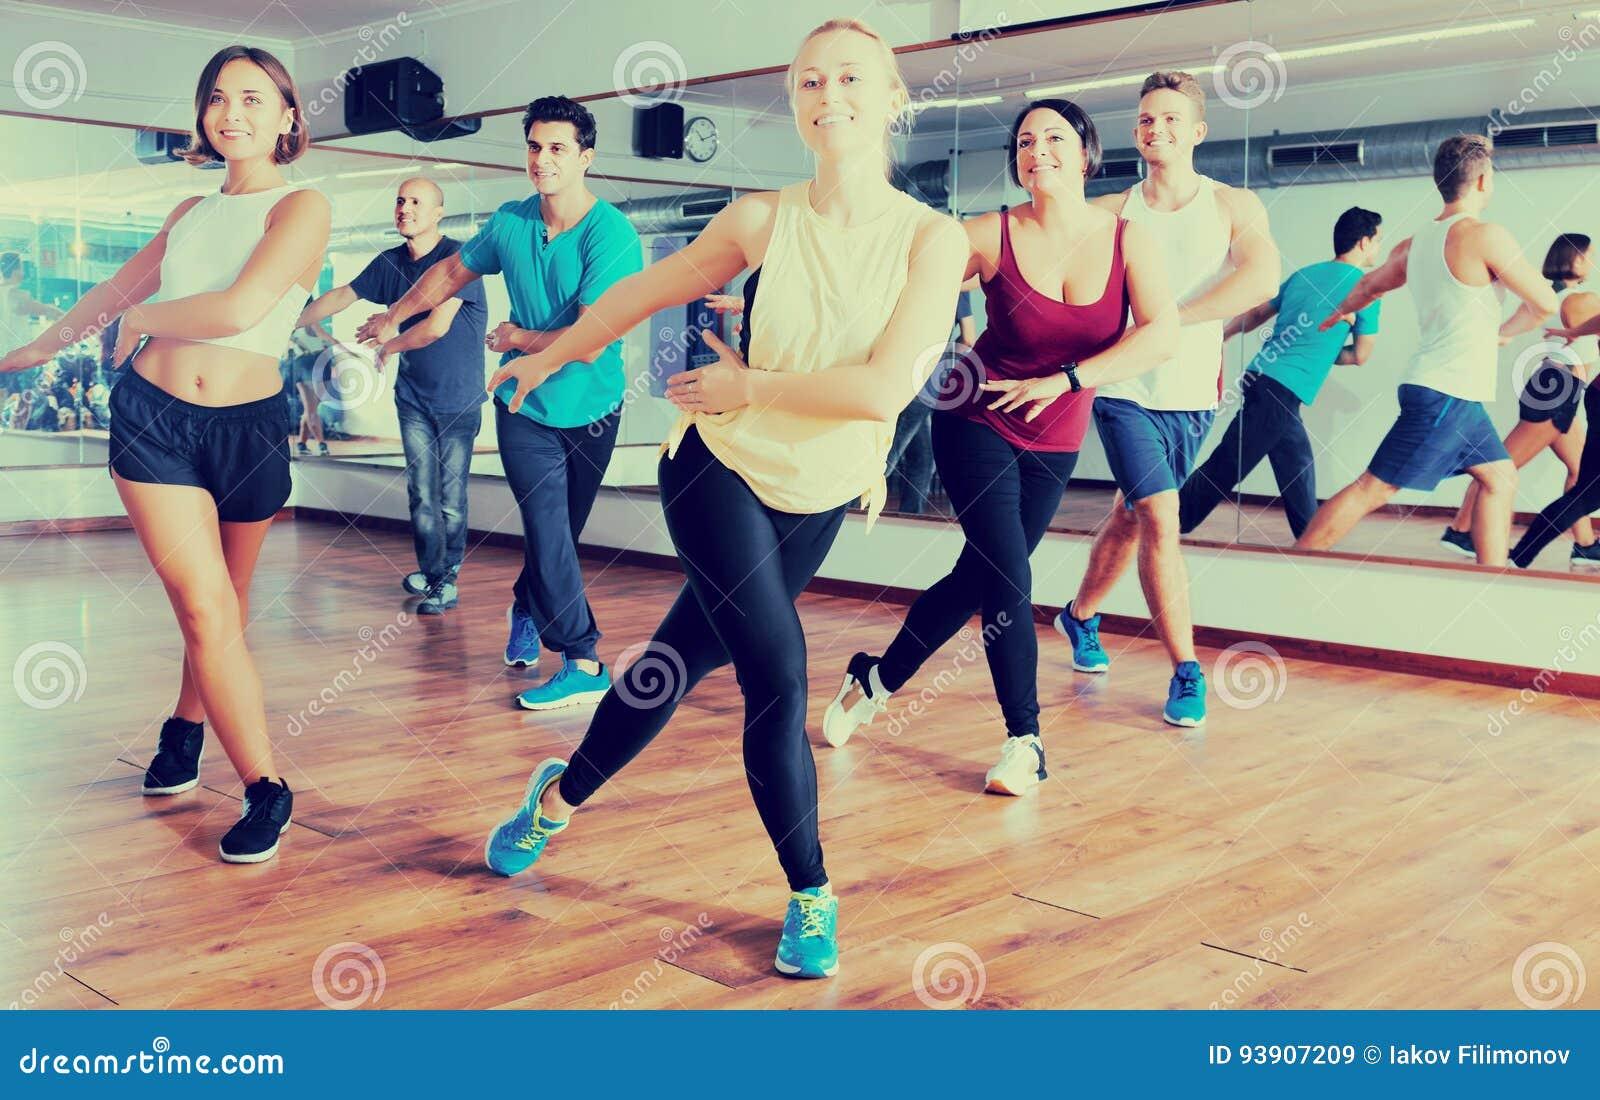 Mensen en dames het dansen zumba